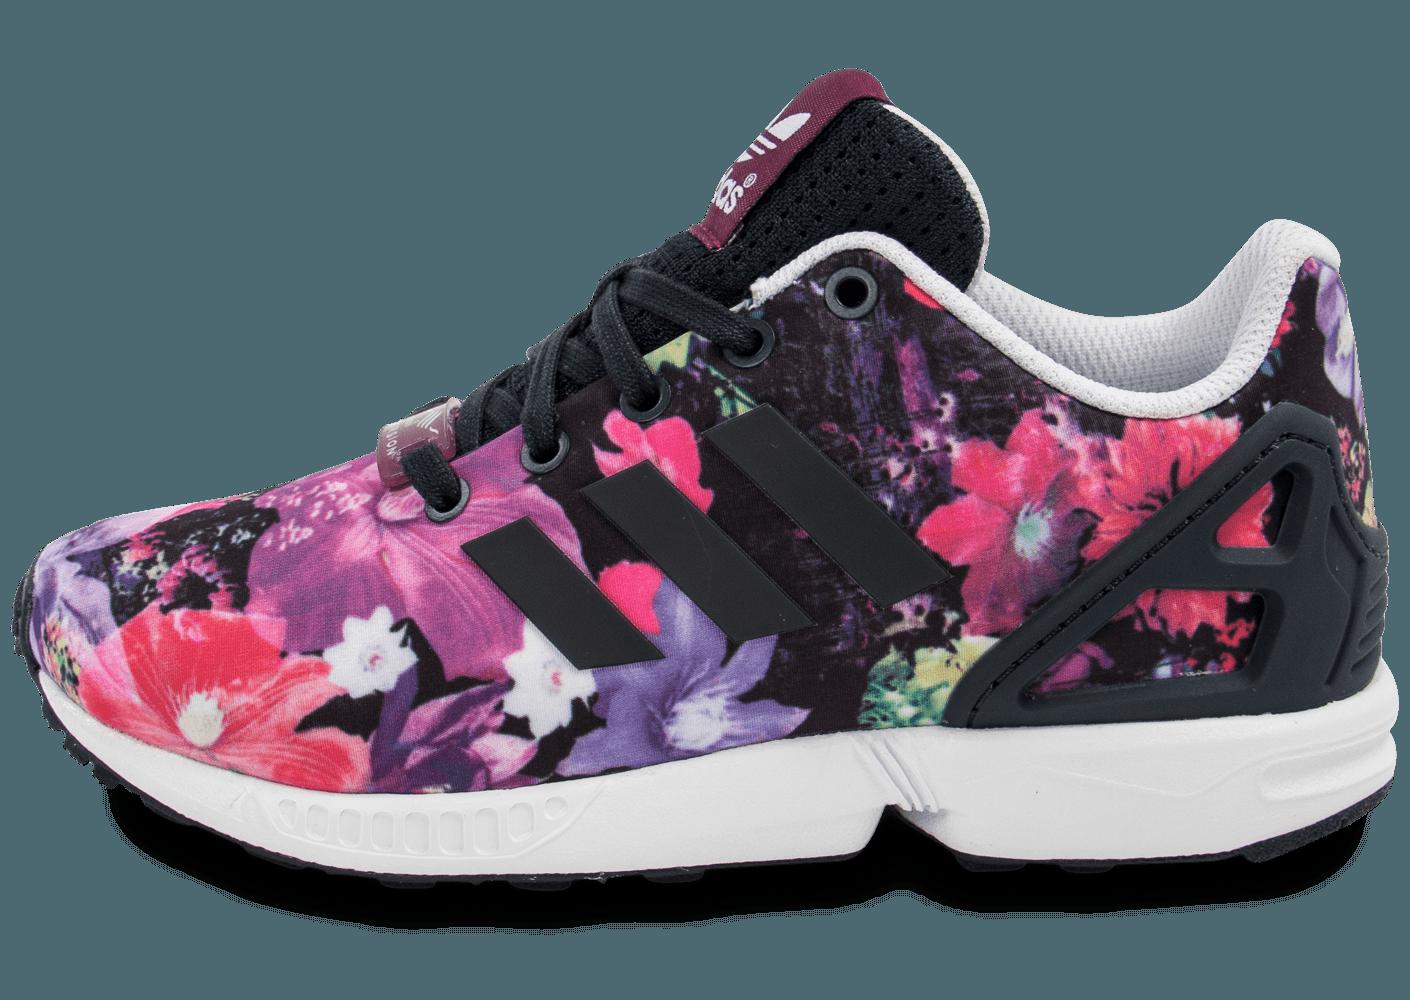 site réputé acb6c b22ef adidas zx flux femme floral